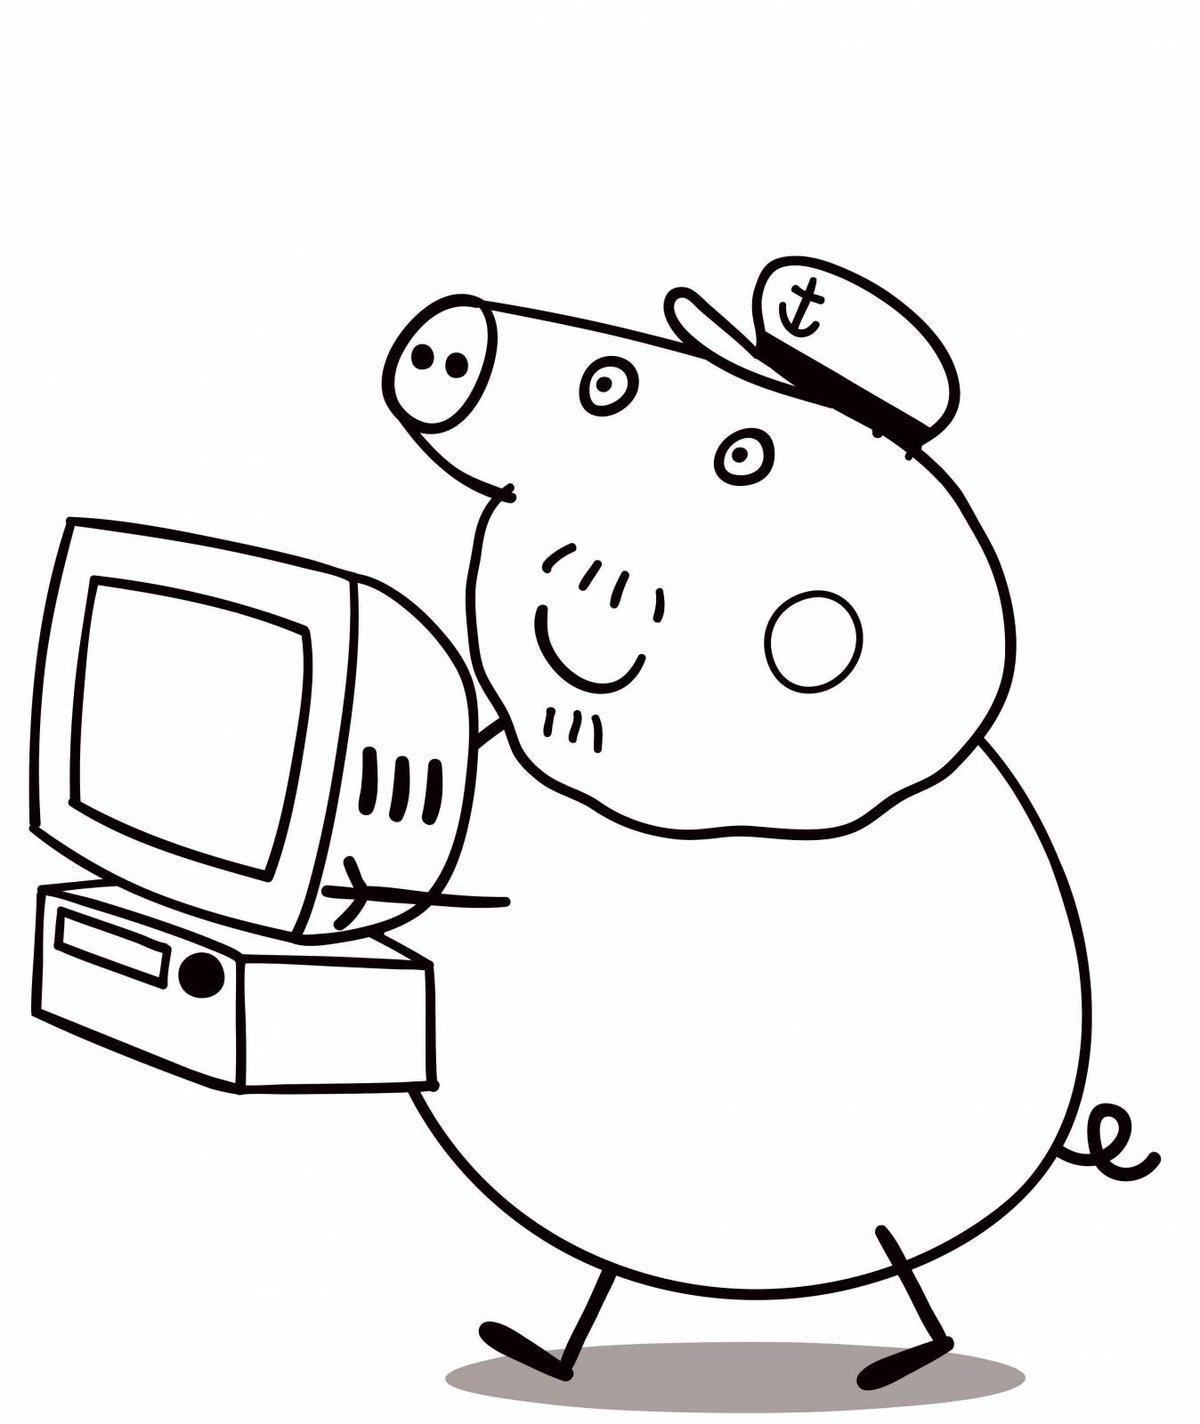 Раскрашивать картинки на компьютере детям 3-4 лет, икона